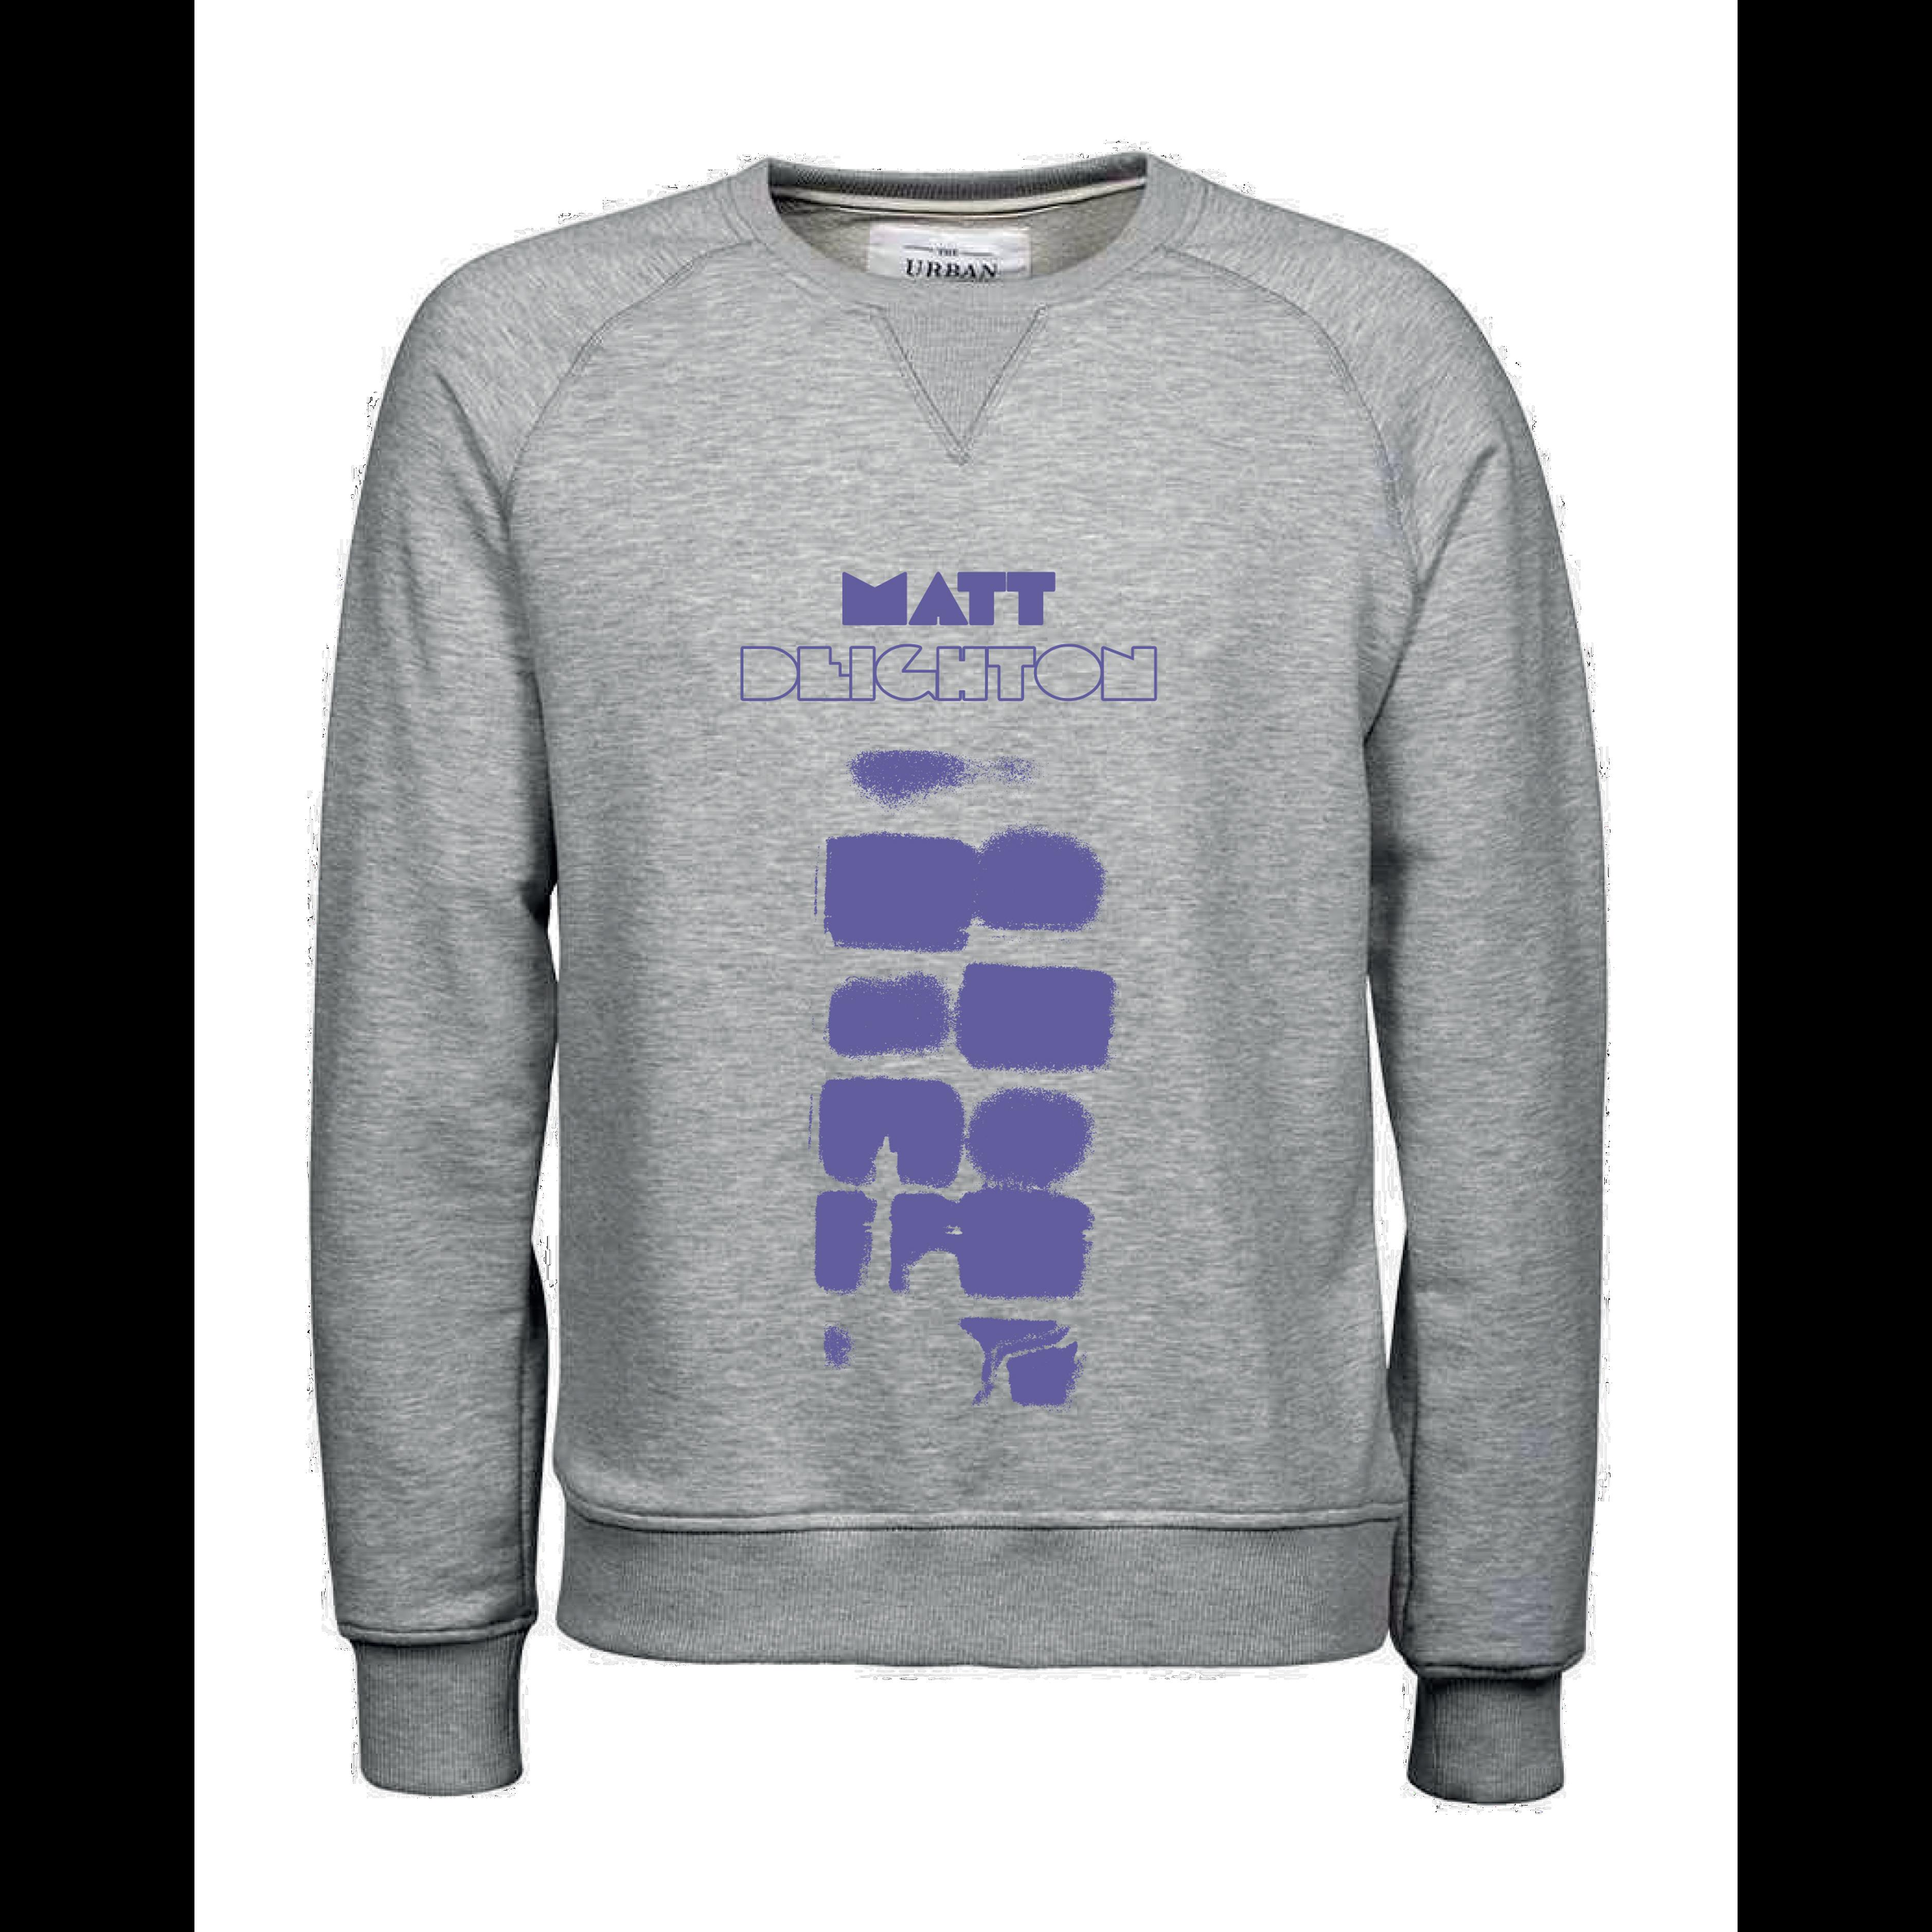 Buy Online Matt Deighton - Sweatshirt